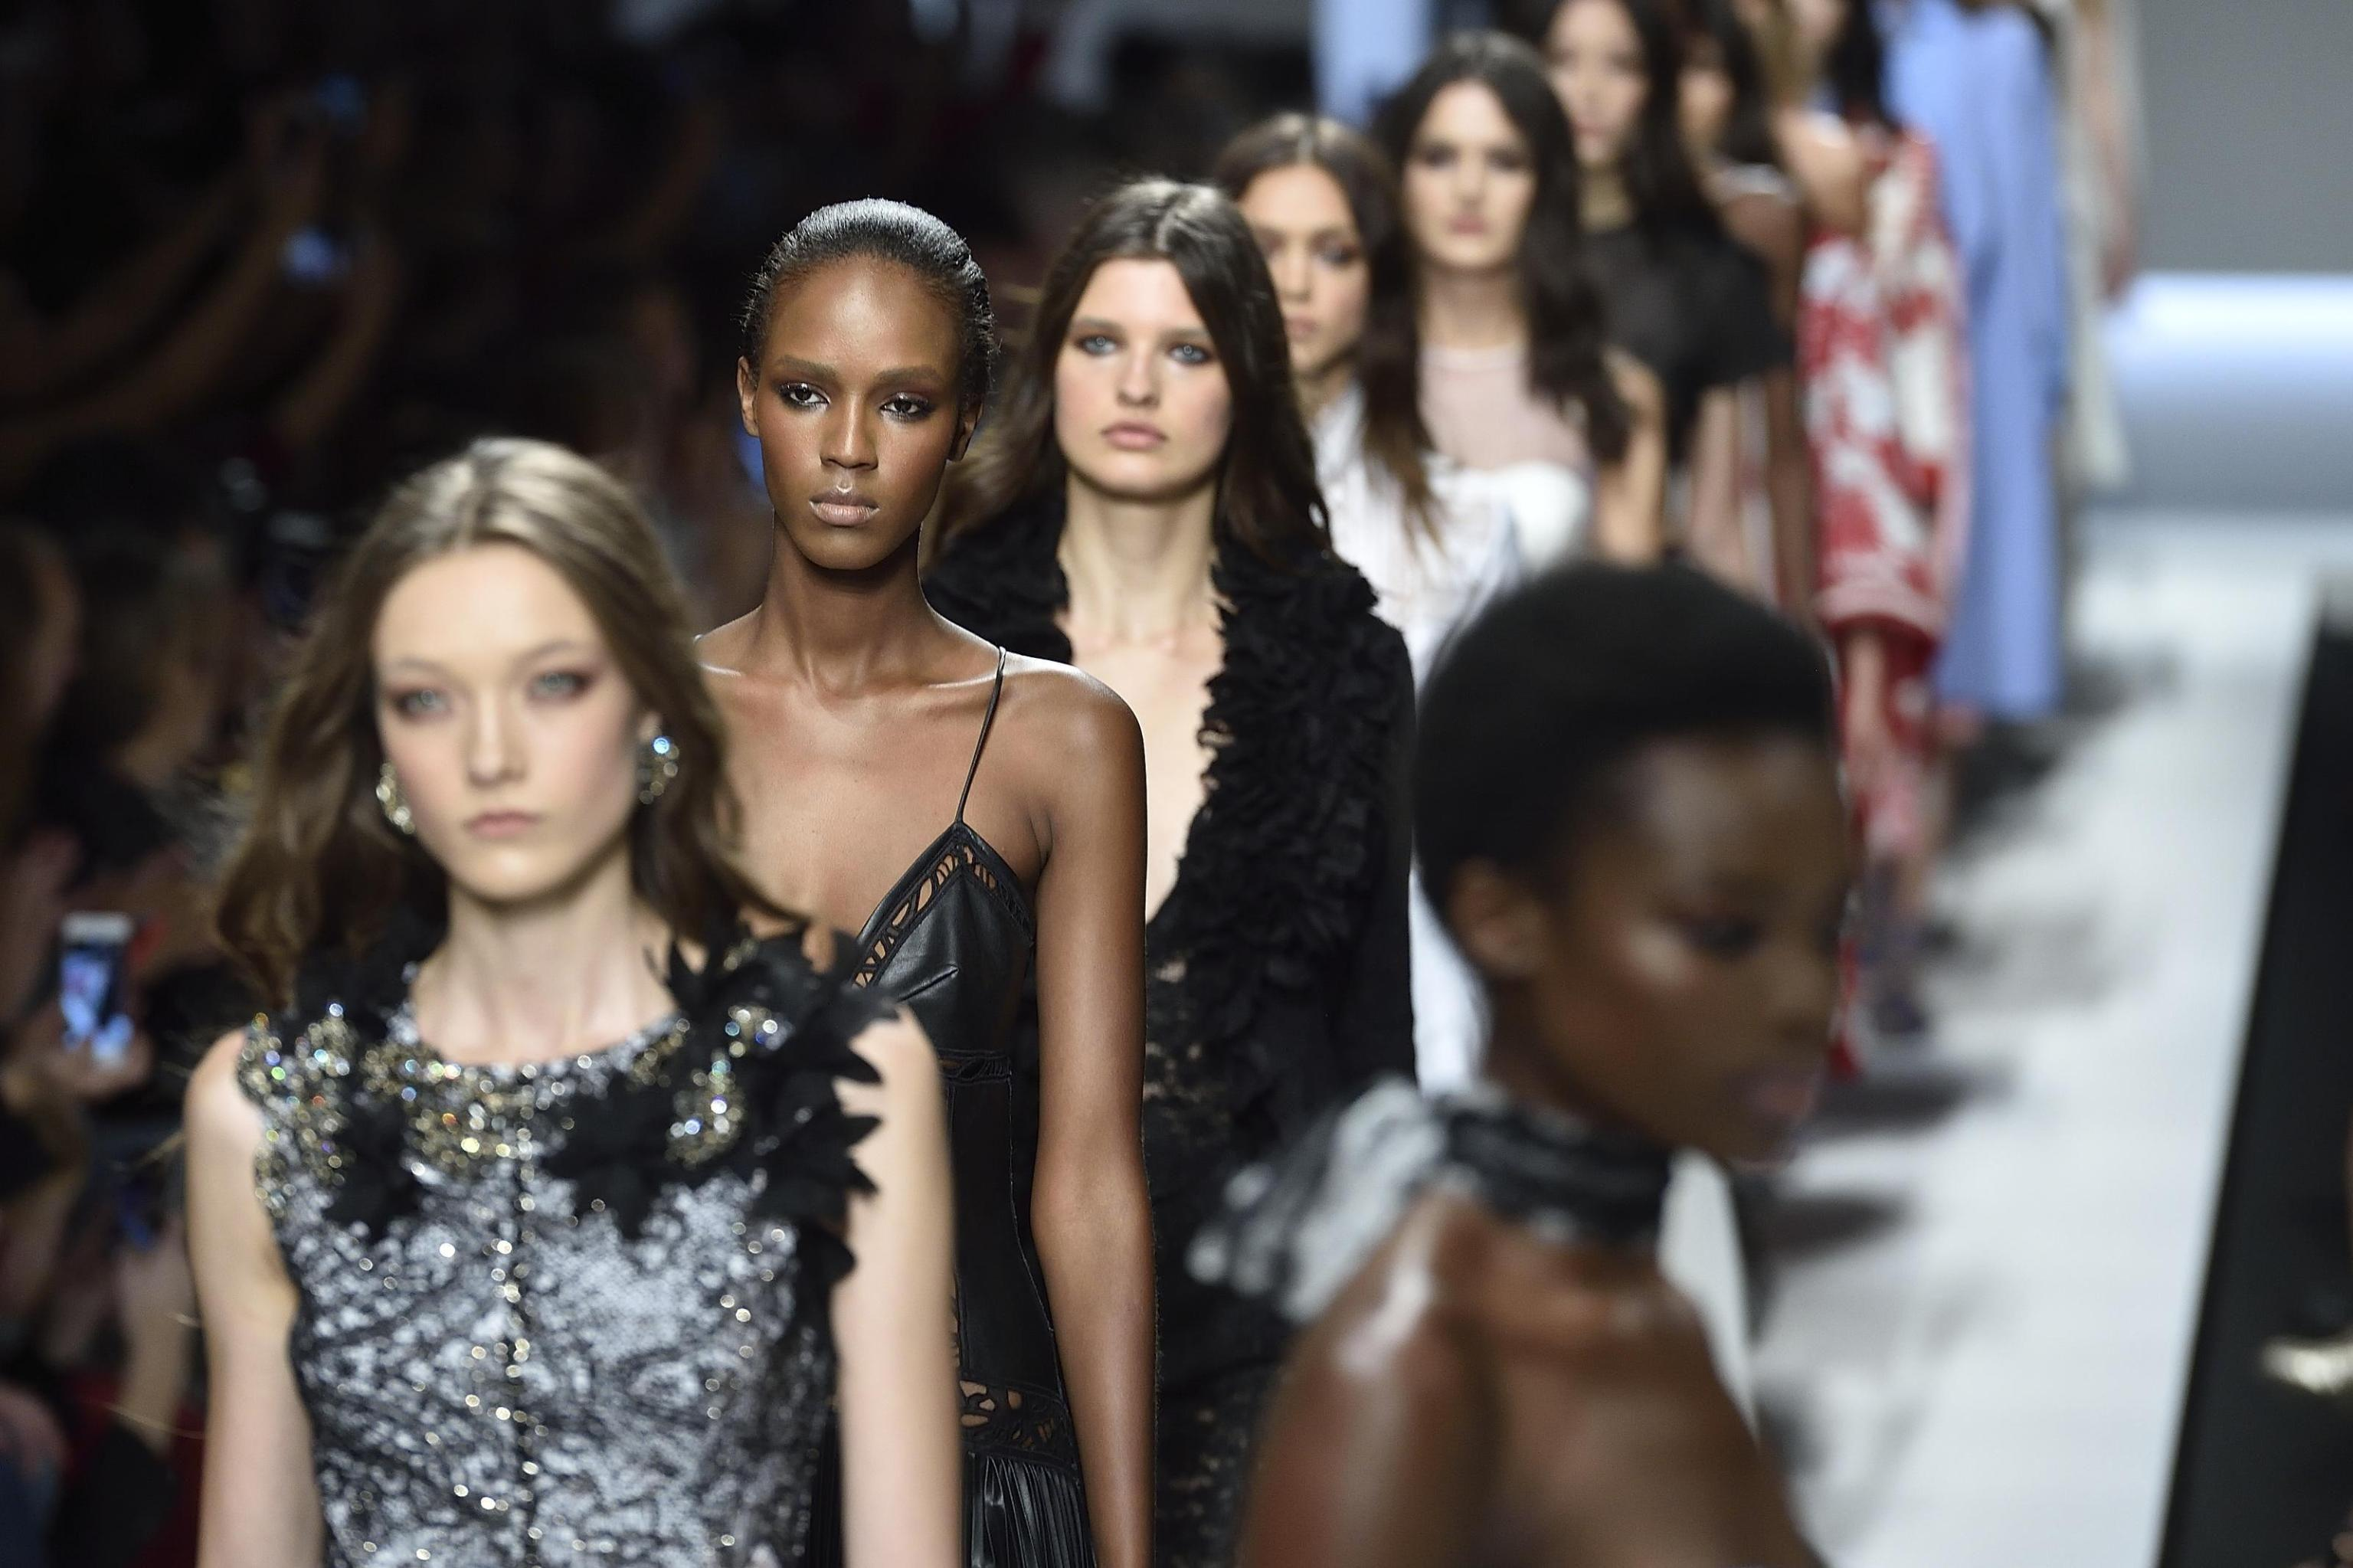 Milano Moda Donna Calendario.Milano Moda Donna Ai Blocchi Di Partenza Sfila La P E 2019